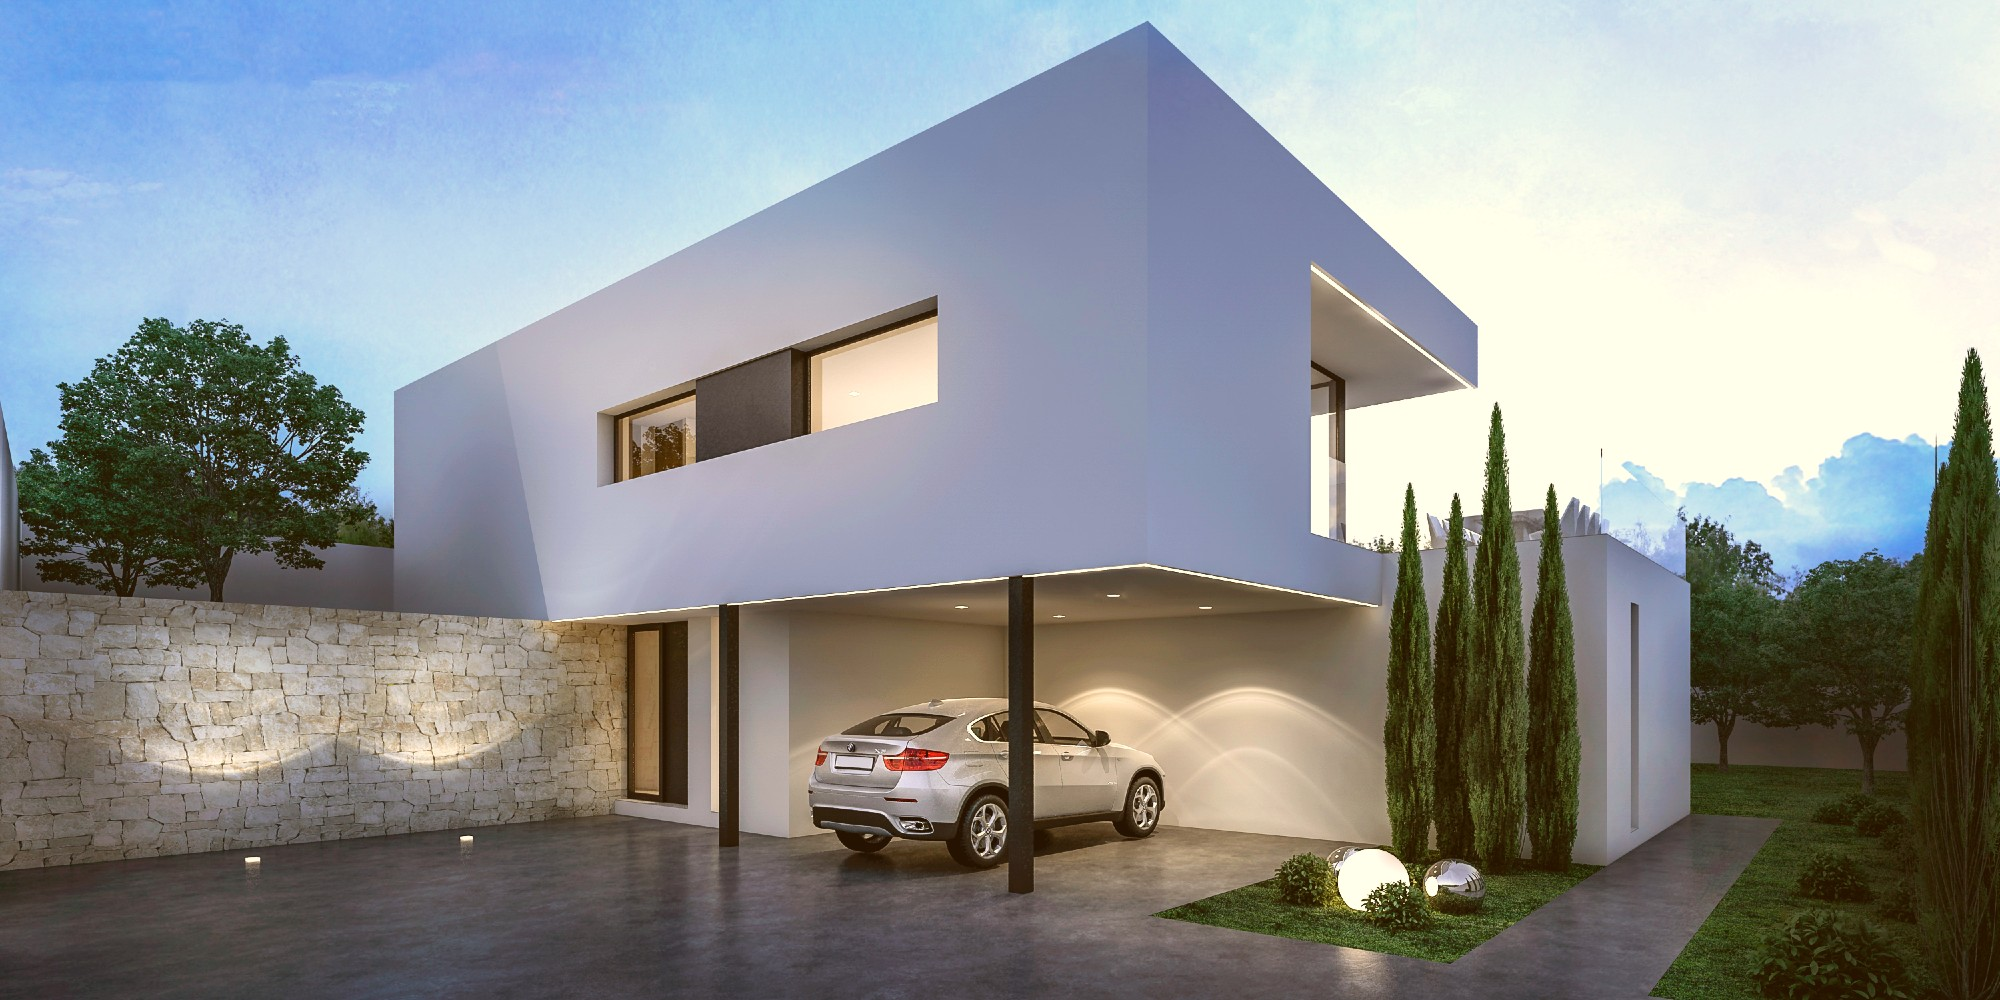 Villa For New build in Moraira, Alicante (Costa Blanca)